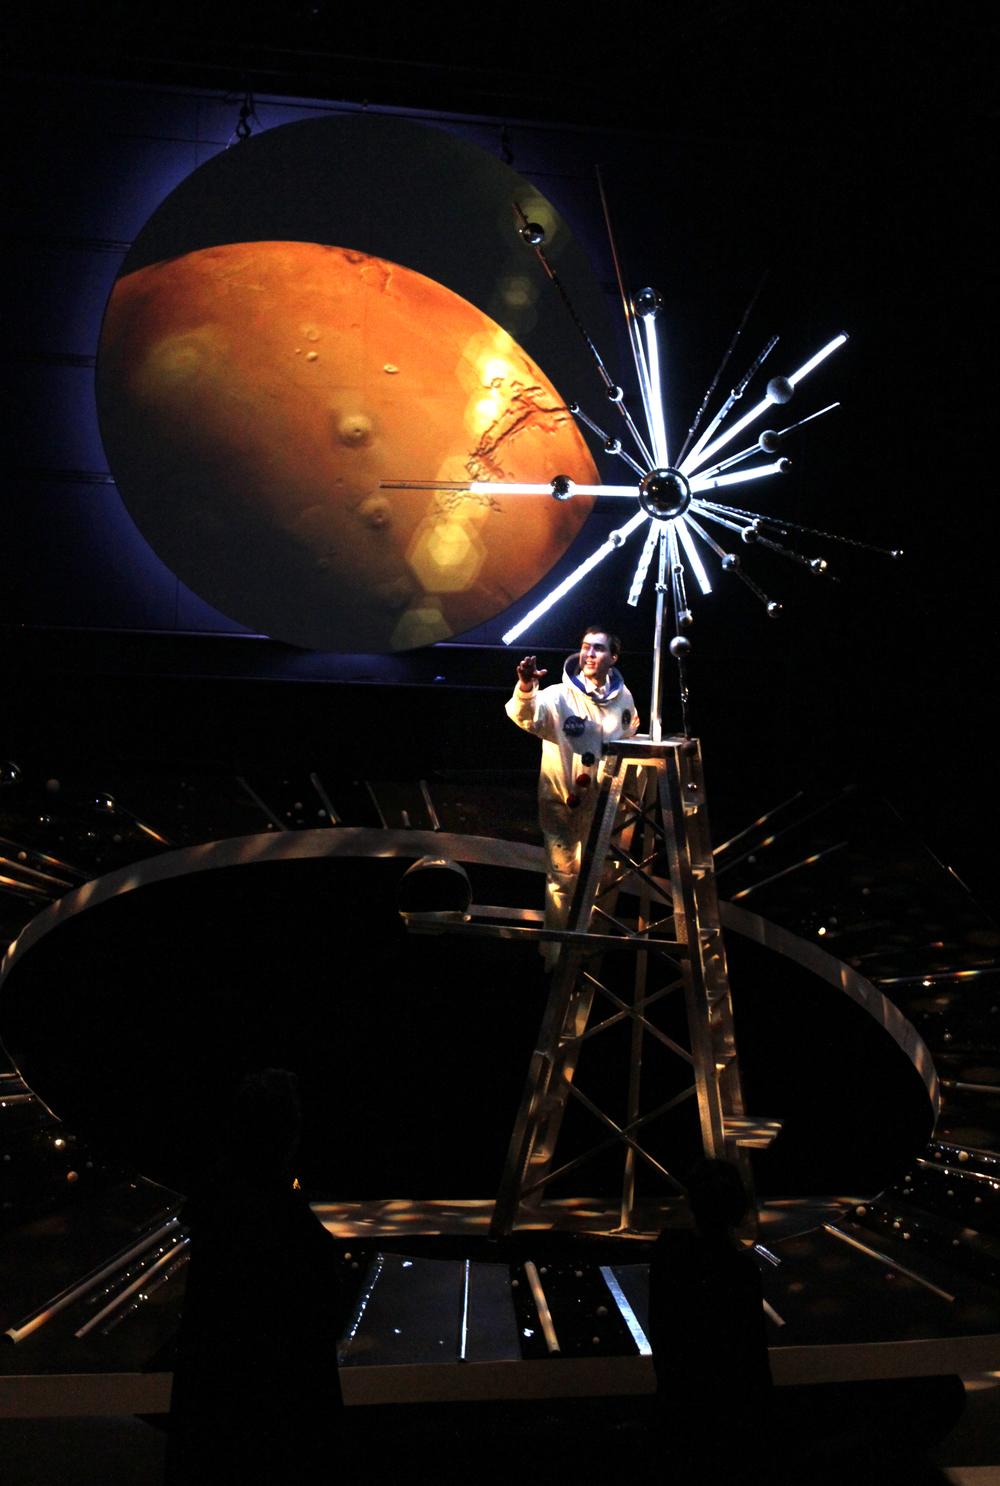 15_Astronaut's Tale_FinalImage.jpg